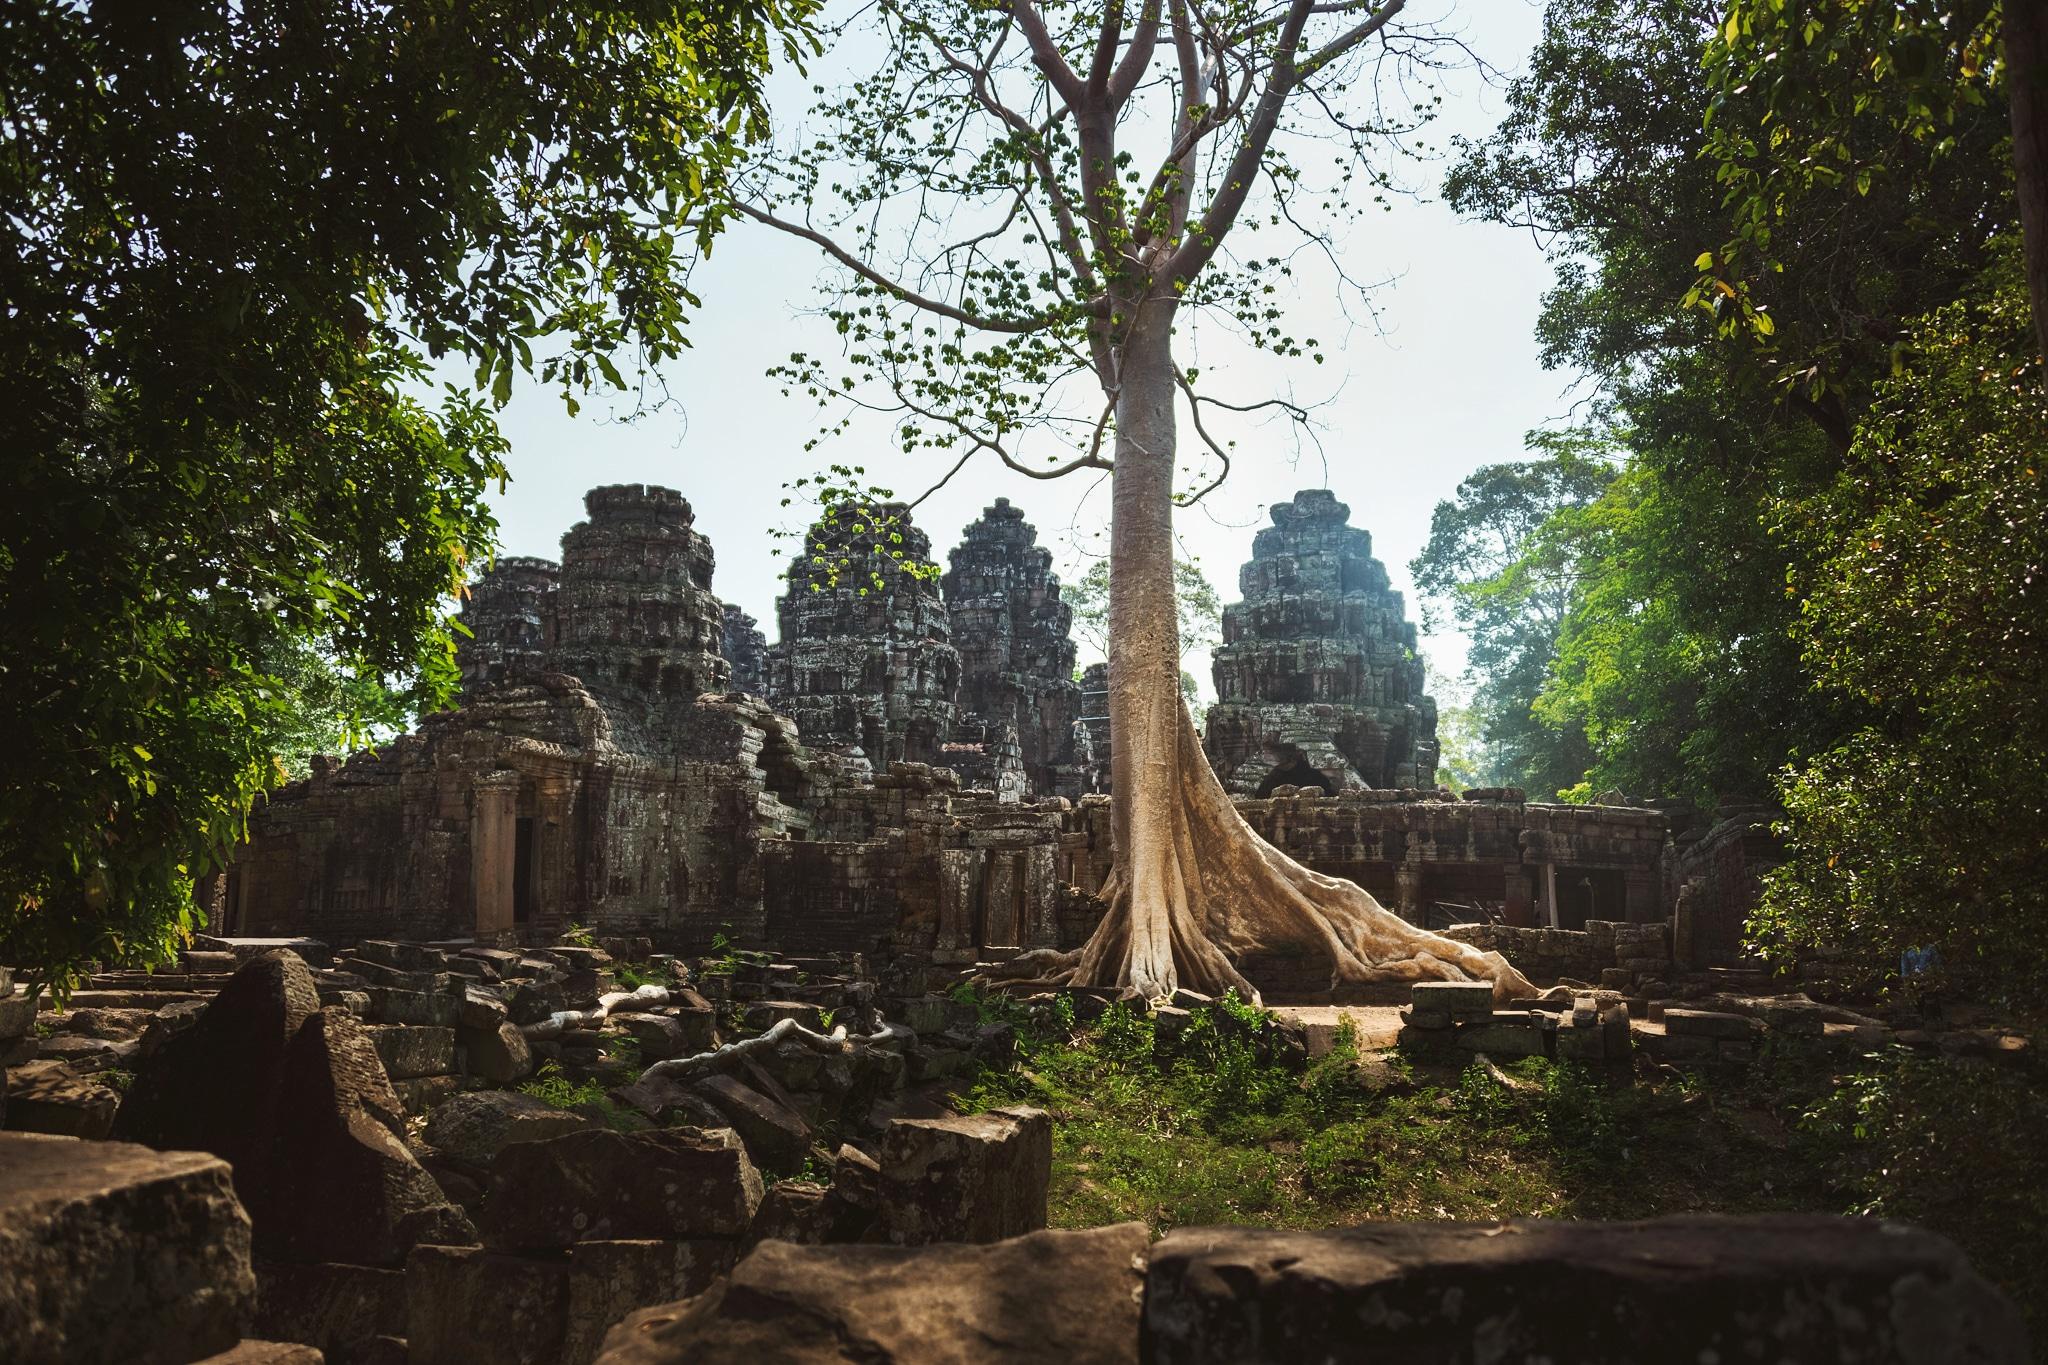 CambodiaRetro00003.jpg